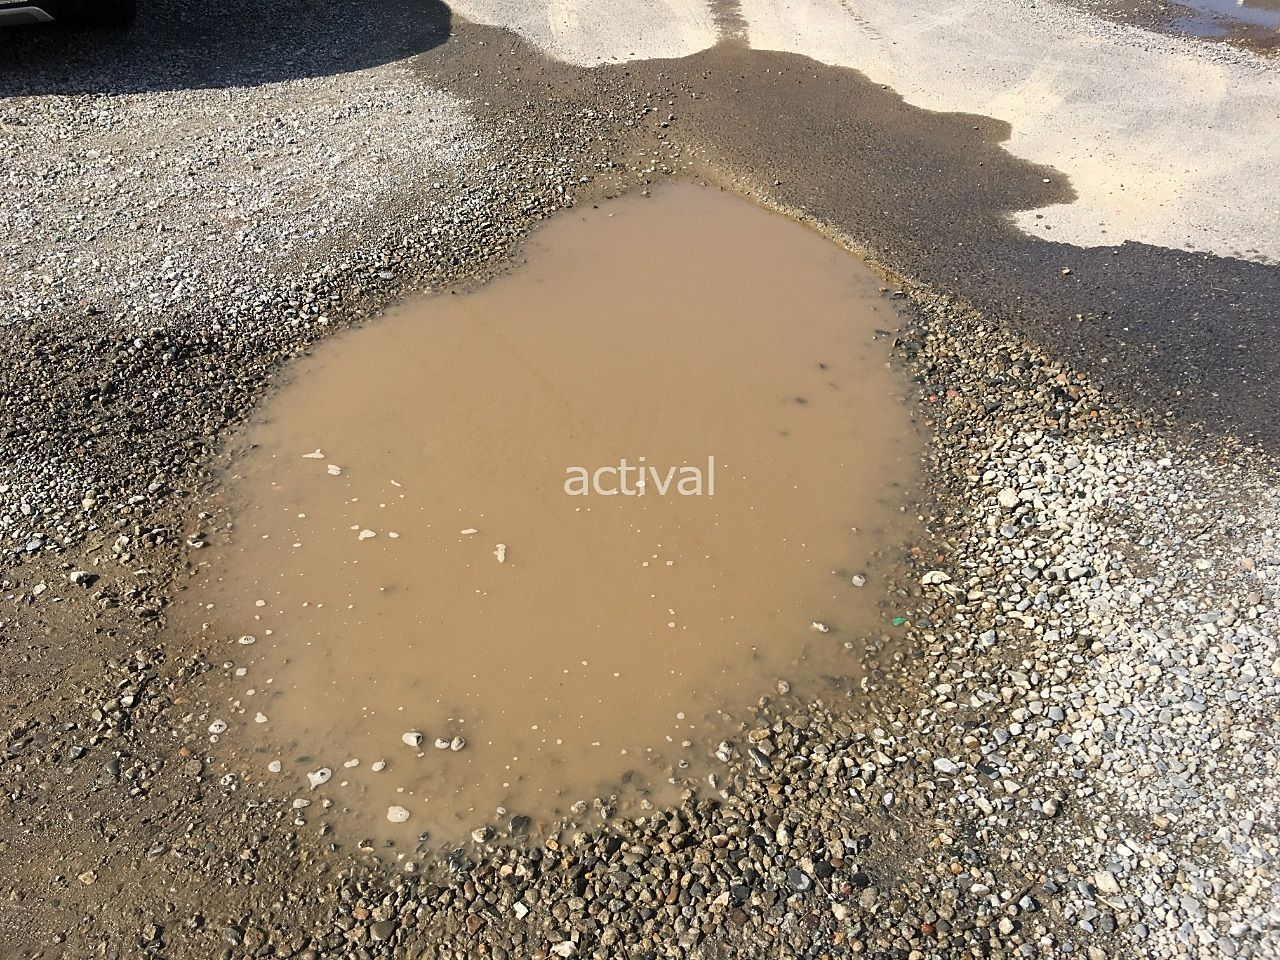 月極駐車場の窪みに雨が降るとこのように水たまりができてしまいます!